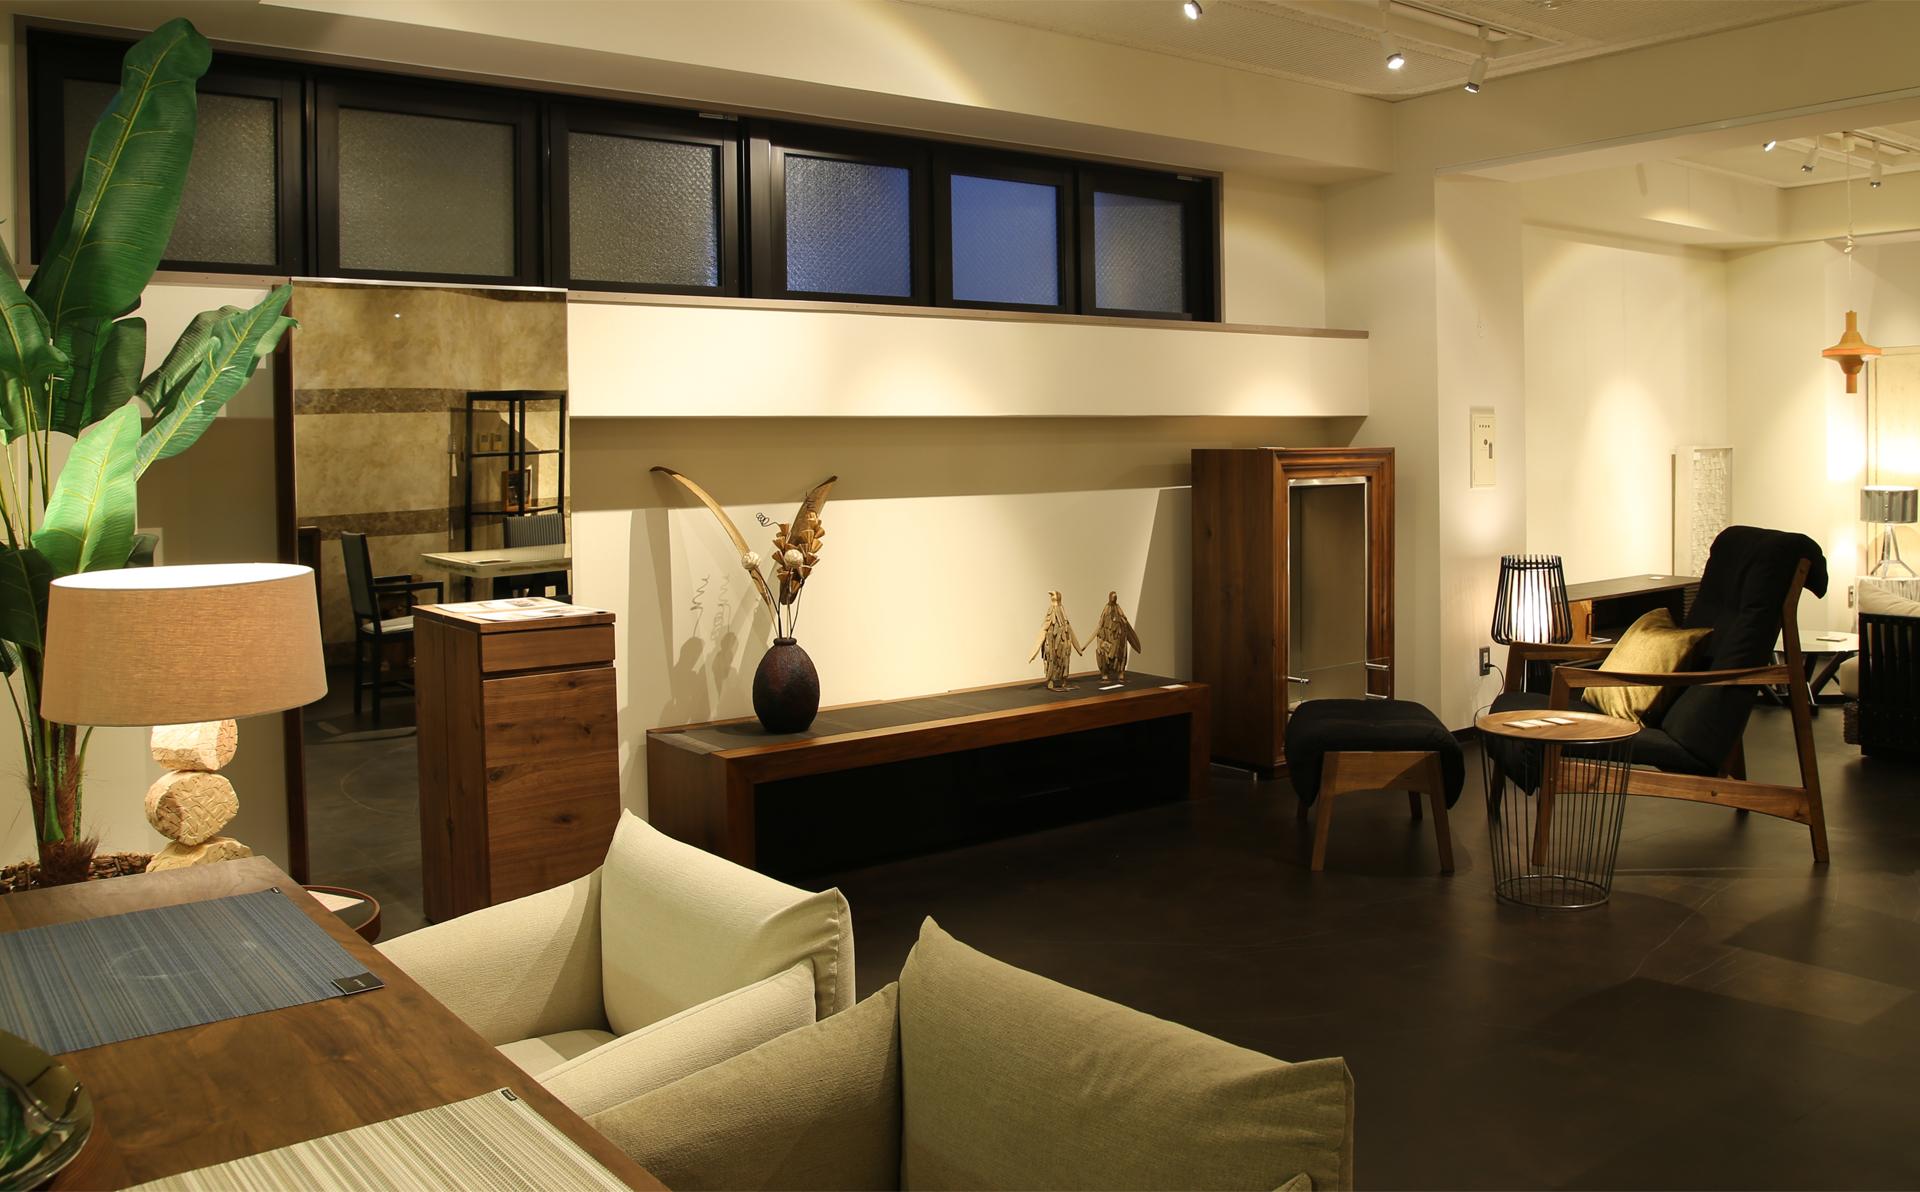 2階の家具インテリアショールームの画像5